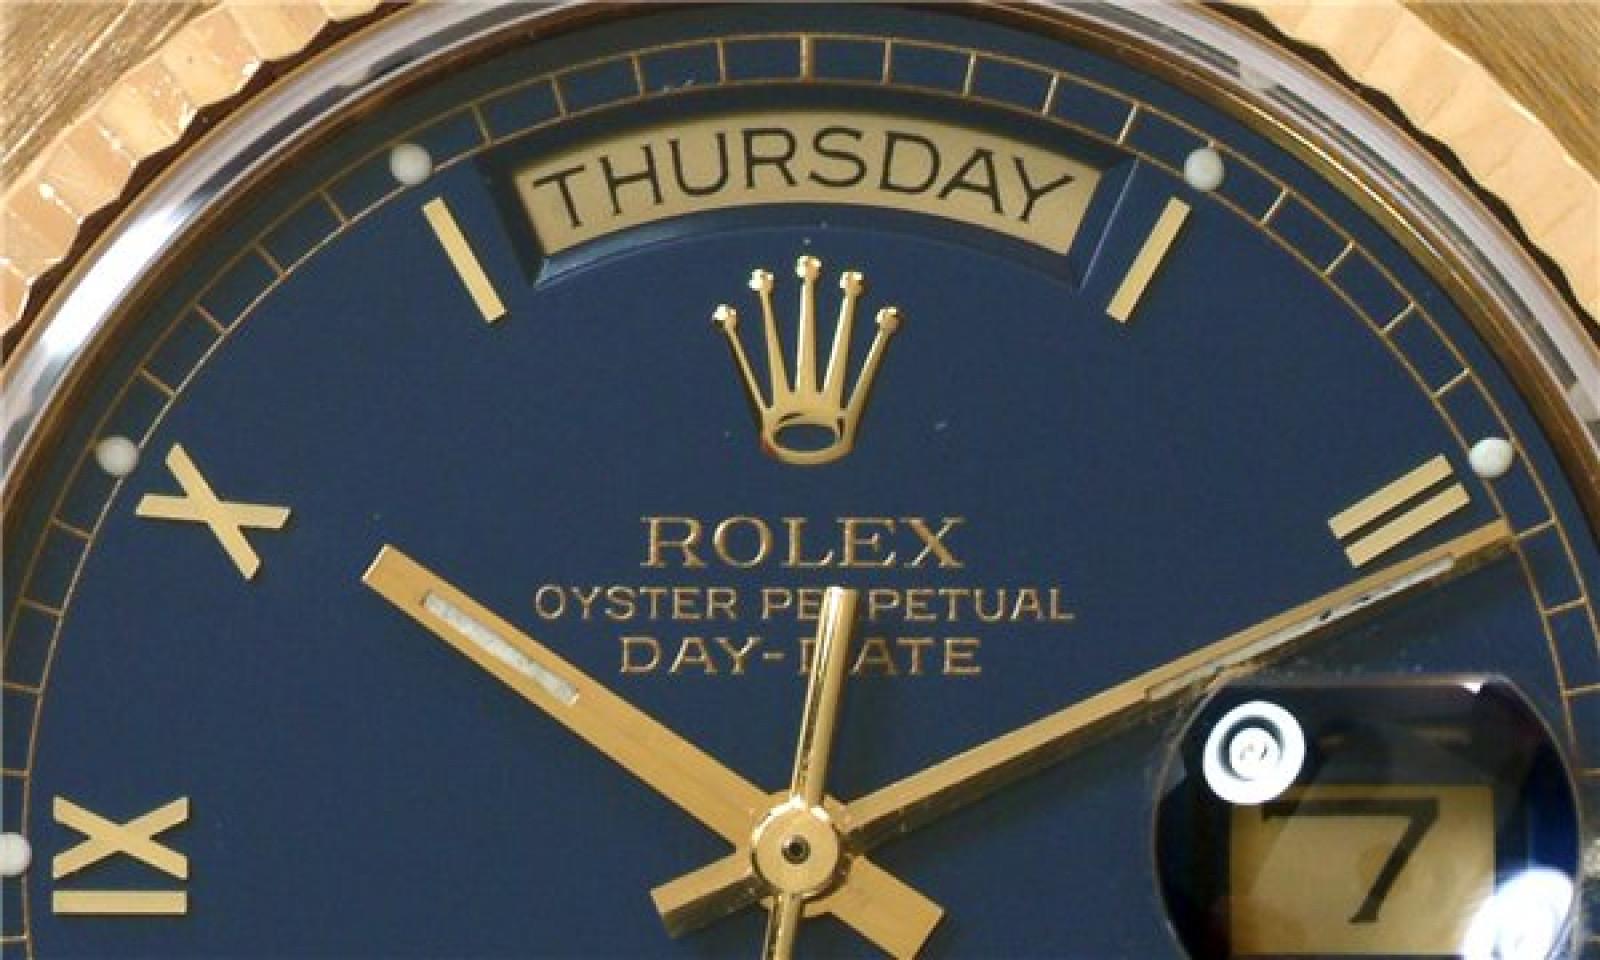 Rolex Day-Date 18038 Gold Blue